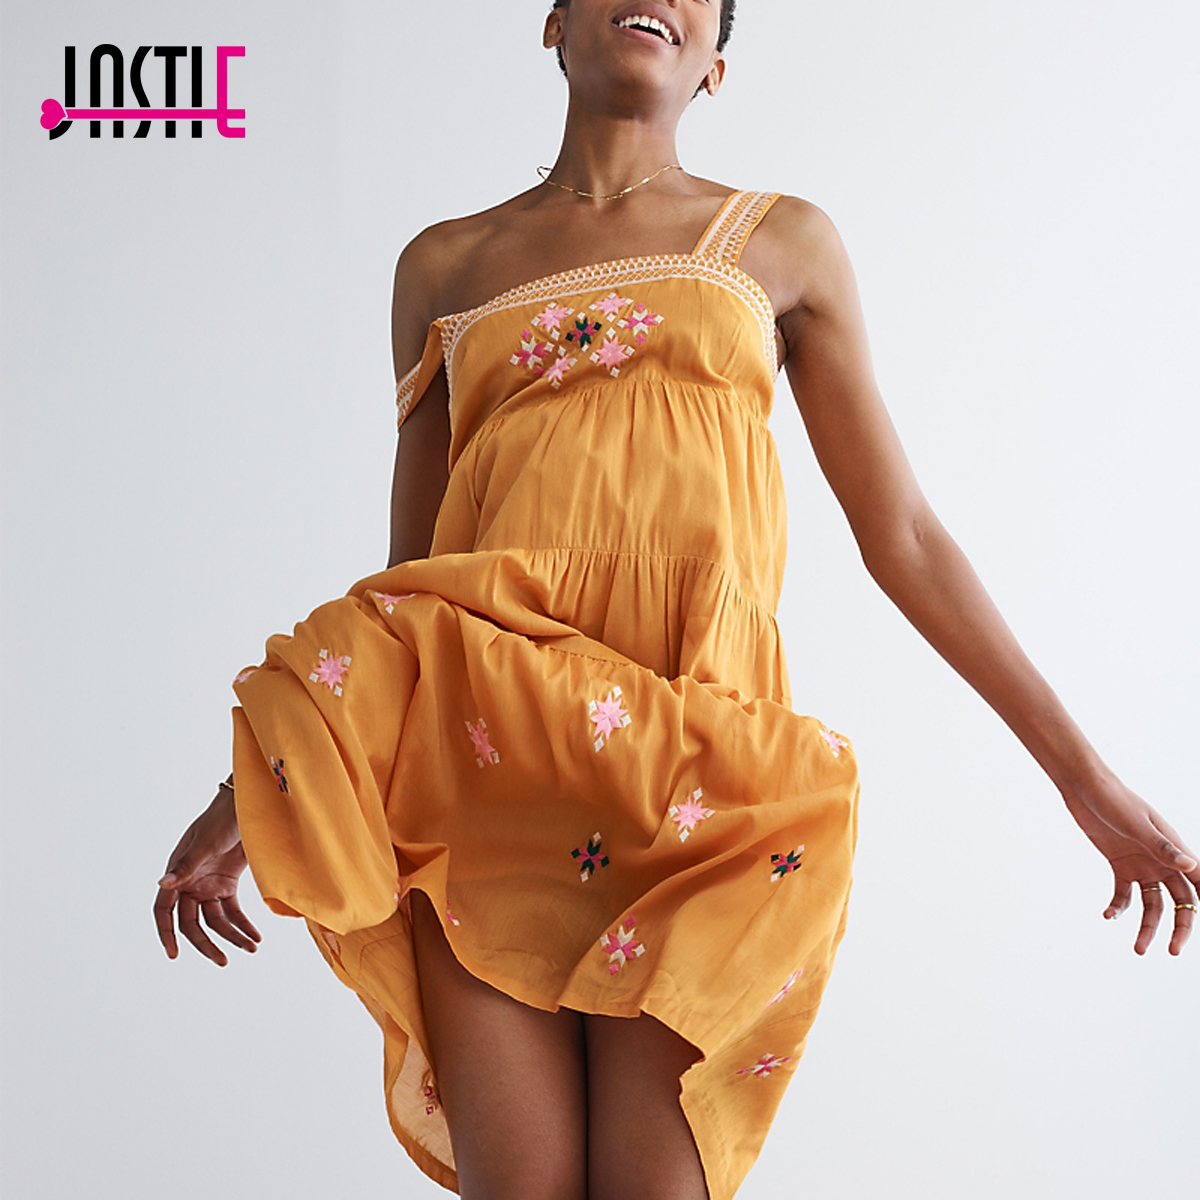 Jastie Coton Brodé Primevère Robe Boho Chic Femmes Robe Sans Manches Sangle Casual Plage Midi Robes 2018 D'été Robes